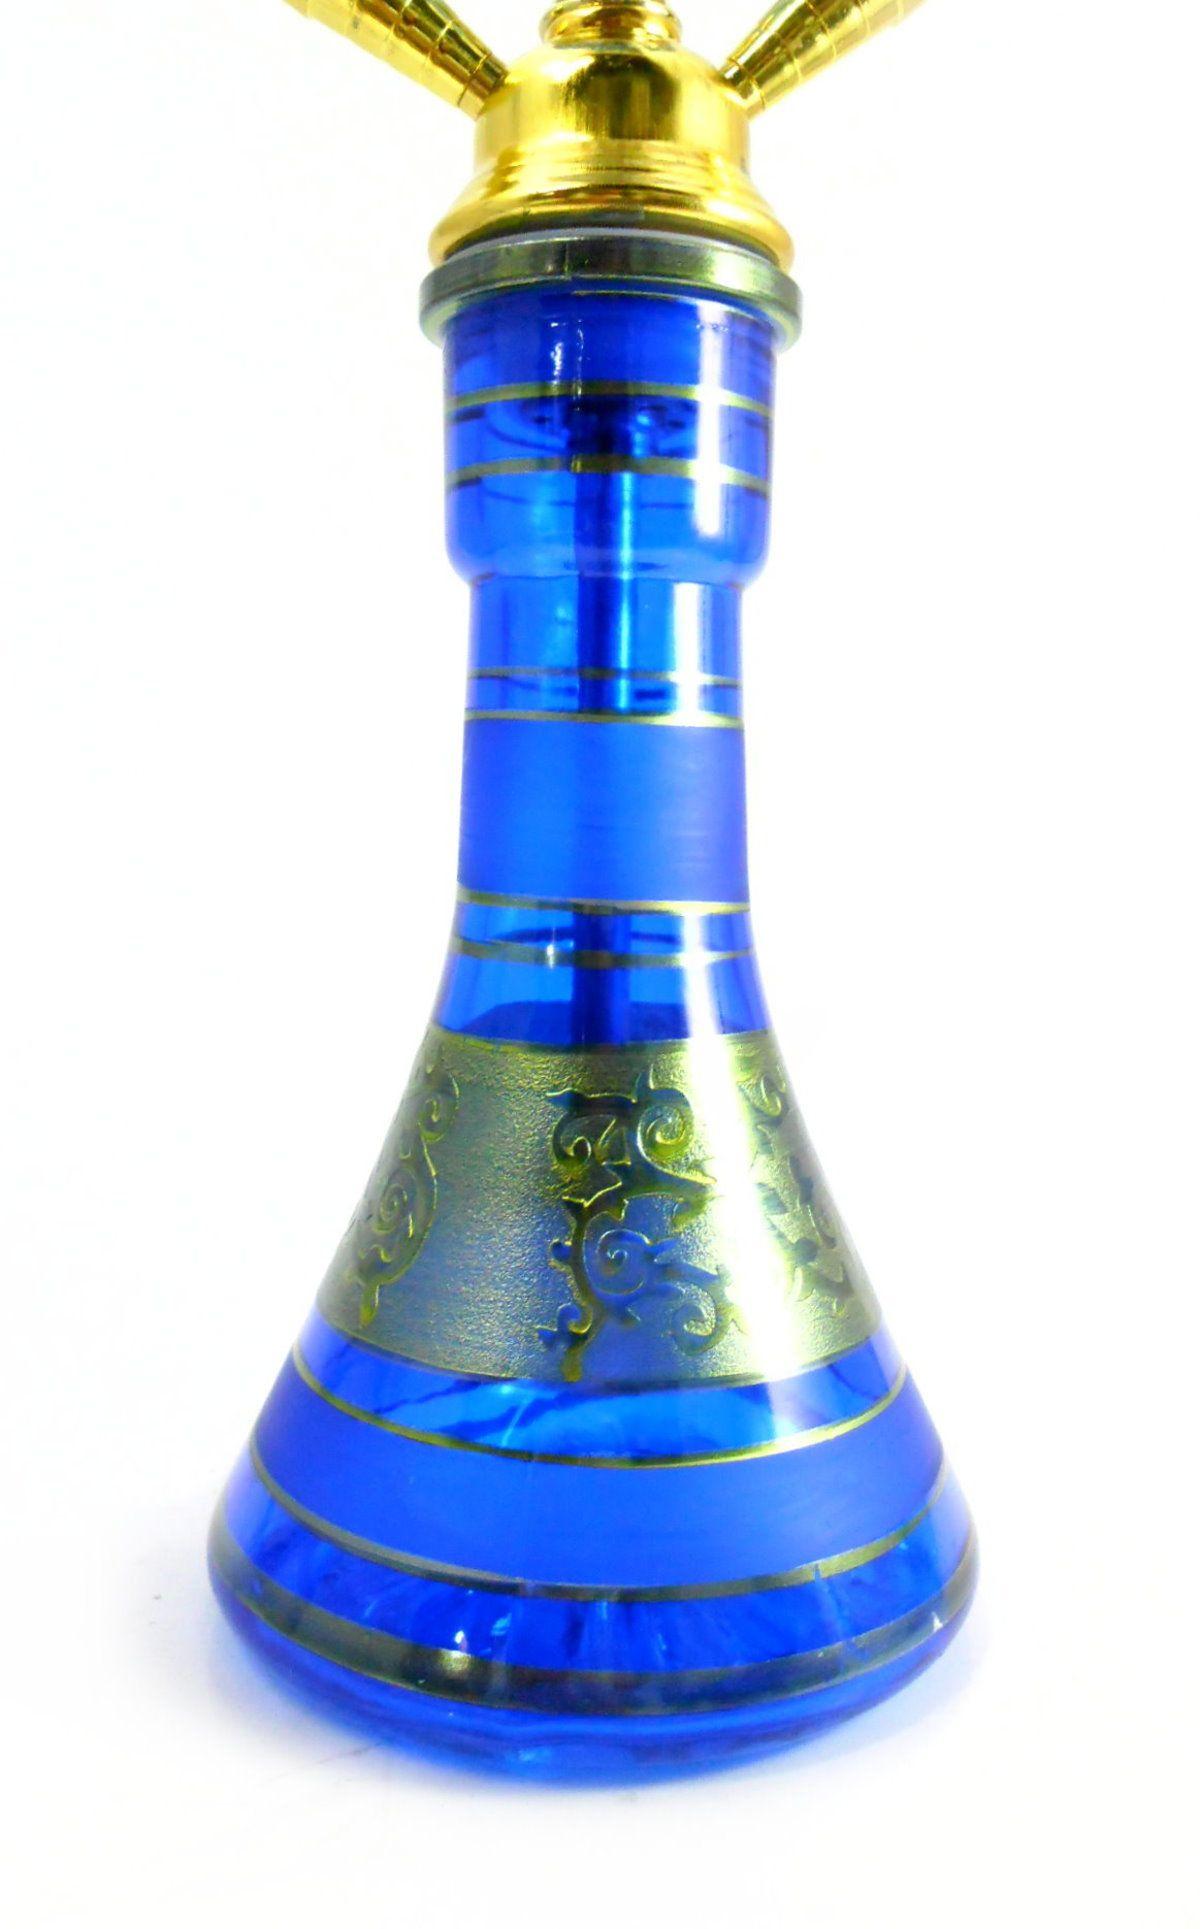 Narguile Grande 59cm azul e dourado, controlador, pinça especial, fogareiro elétrico e carvão de coco.